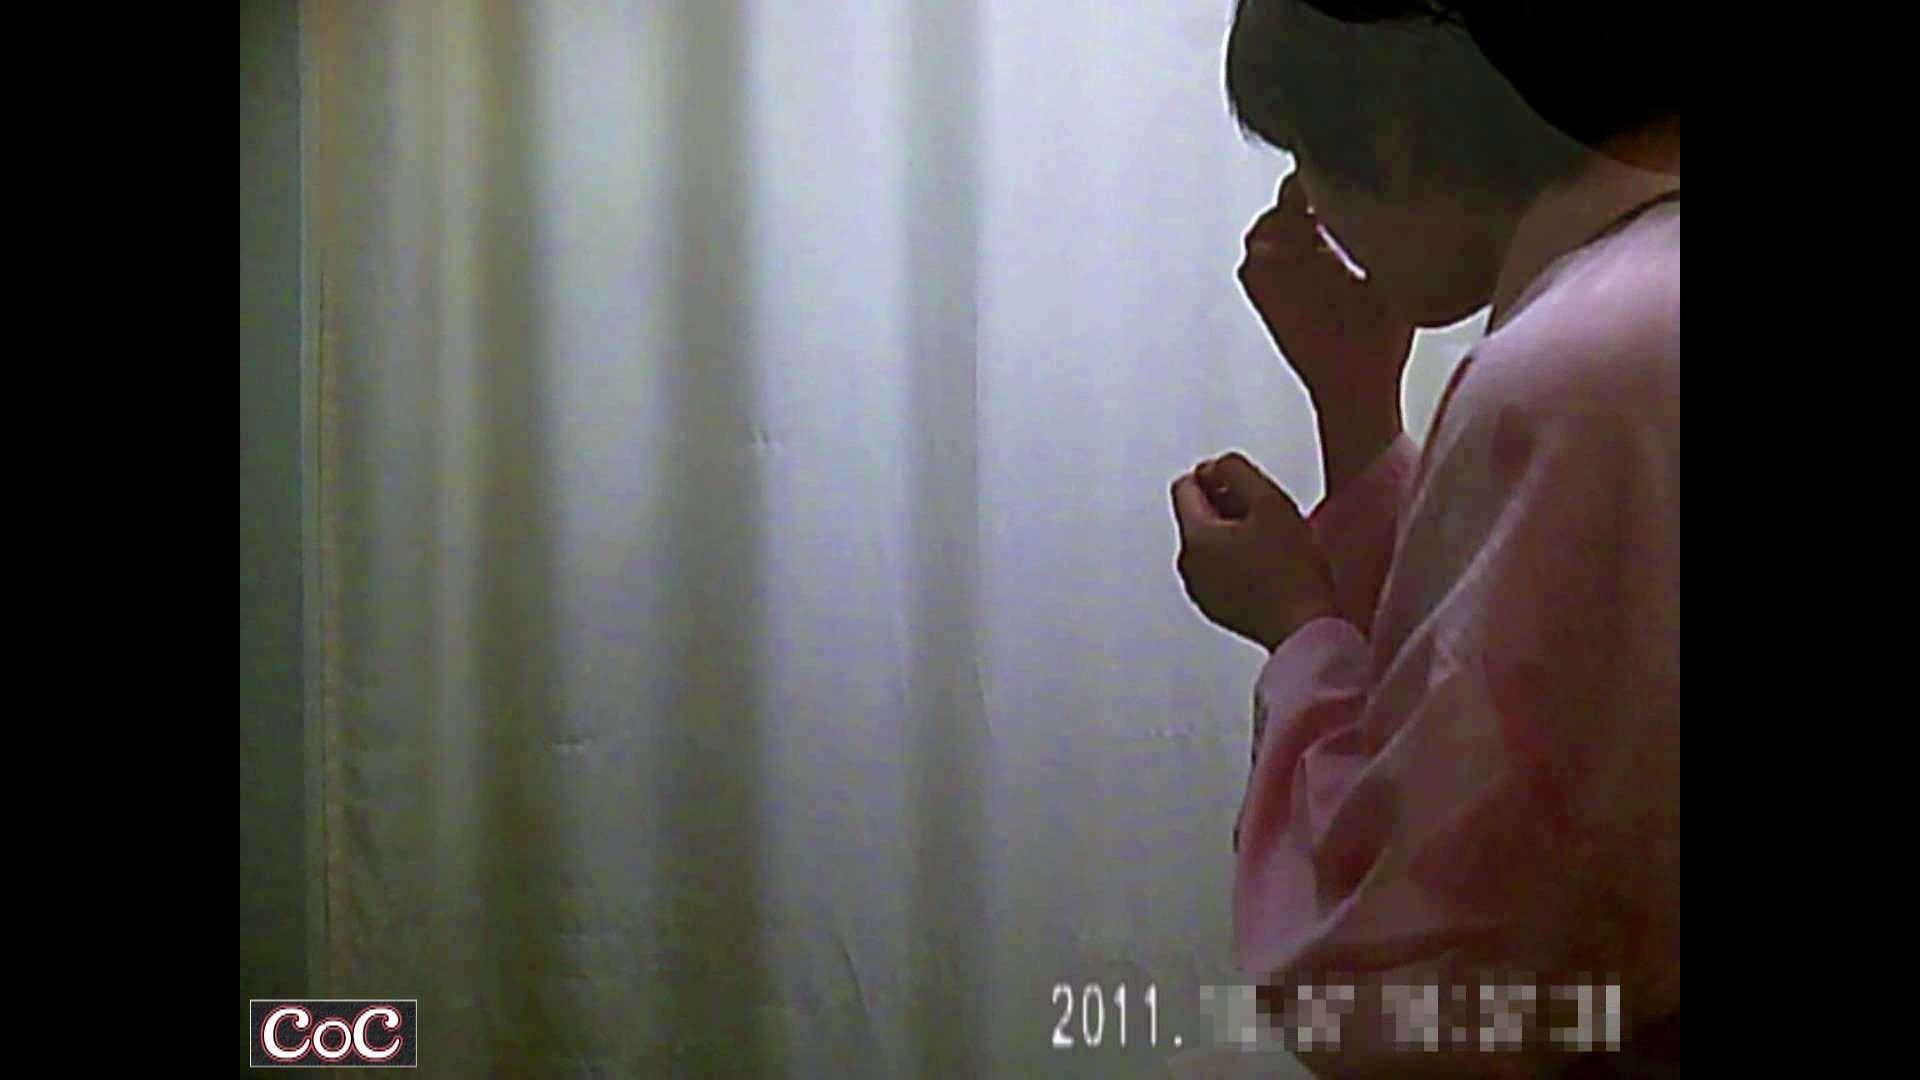 病院おもいっきり着替え! vol.53 盗撮特集 のぞき動画キャプチャ 71画像 35